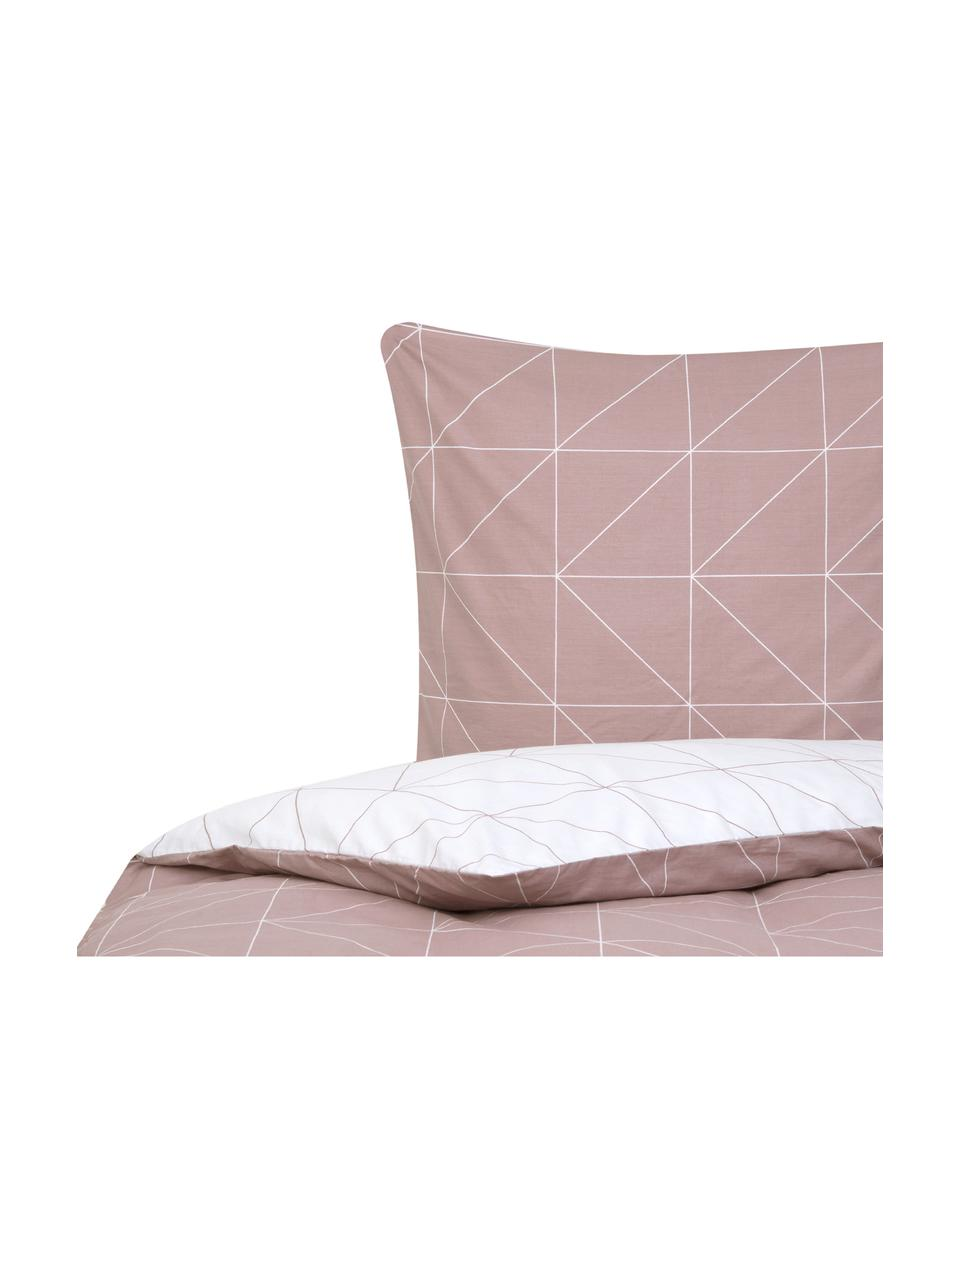 Parure copripiumino reversibile in cotone ranforce Marla, Tessuto: Renforcé, Malva, bianco, 255 x 200 cm